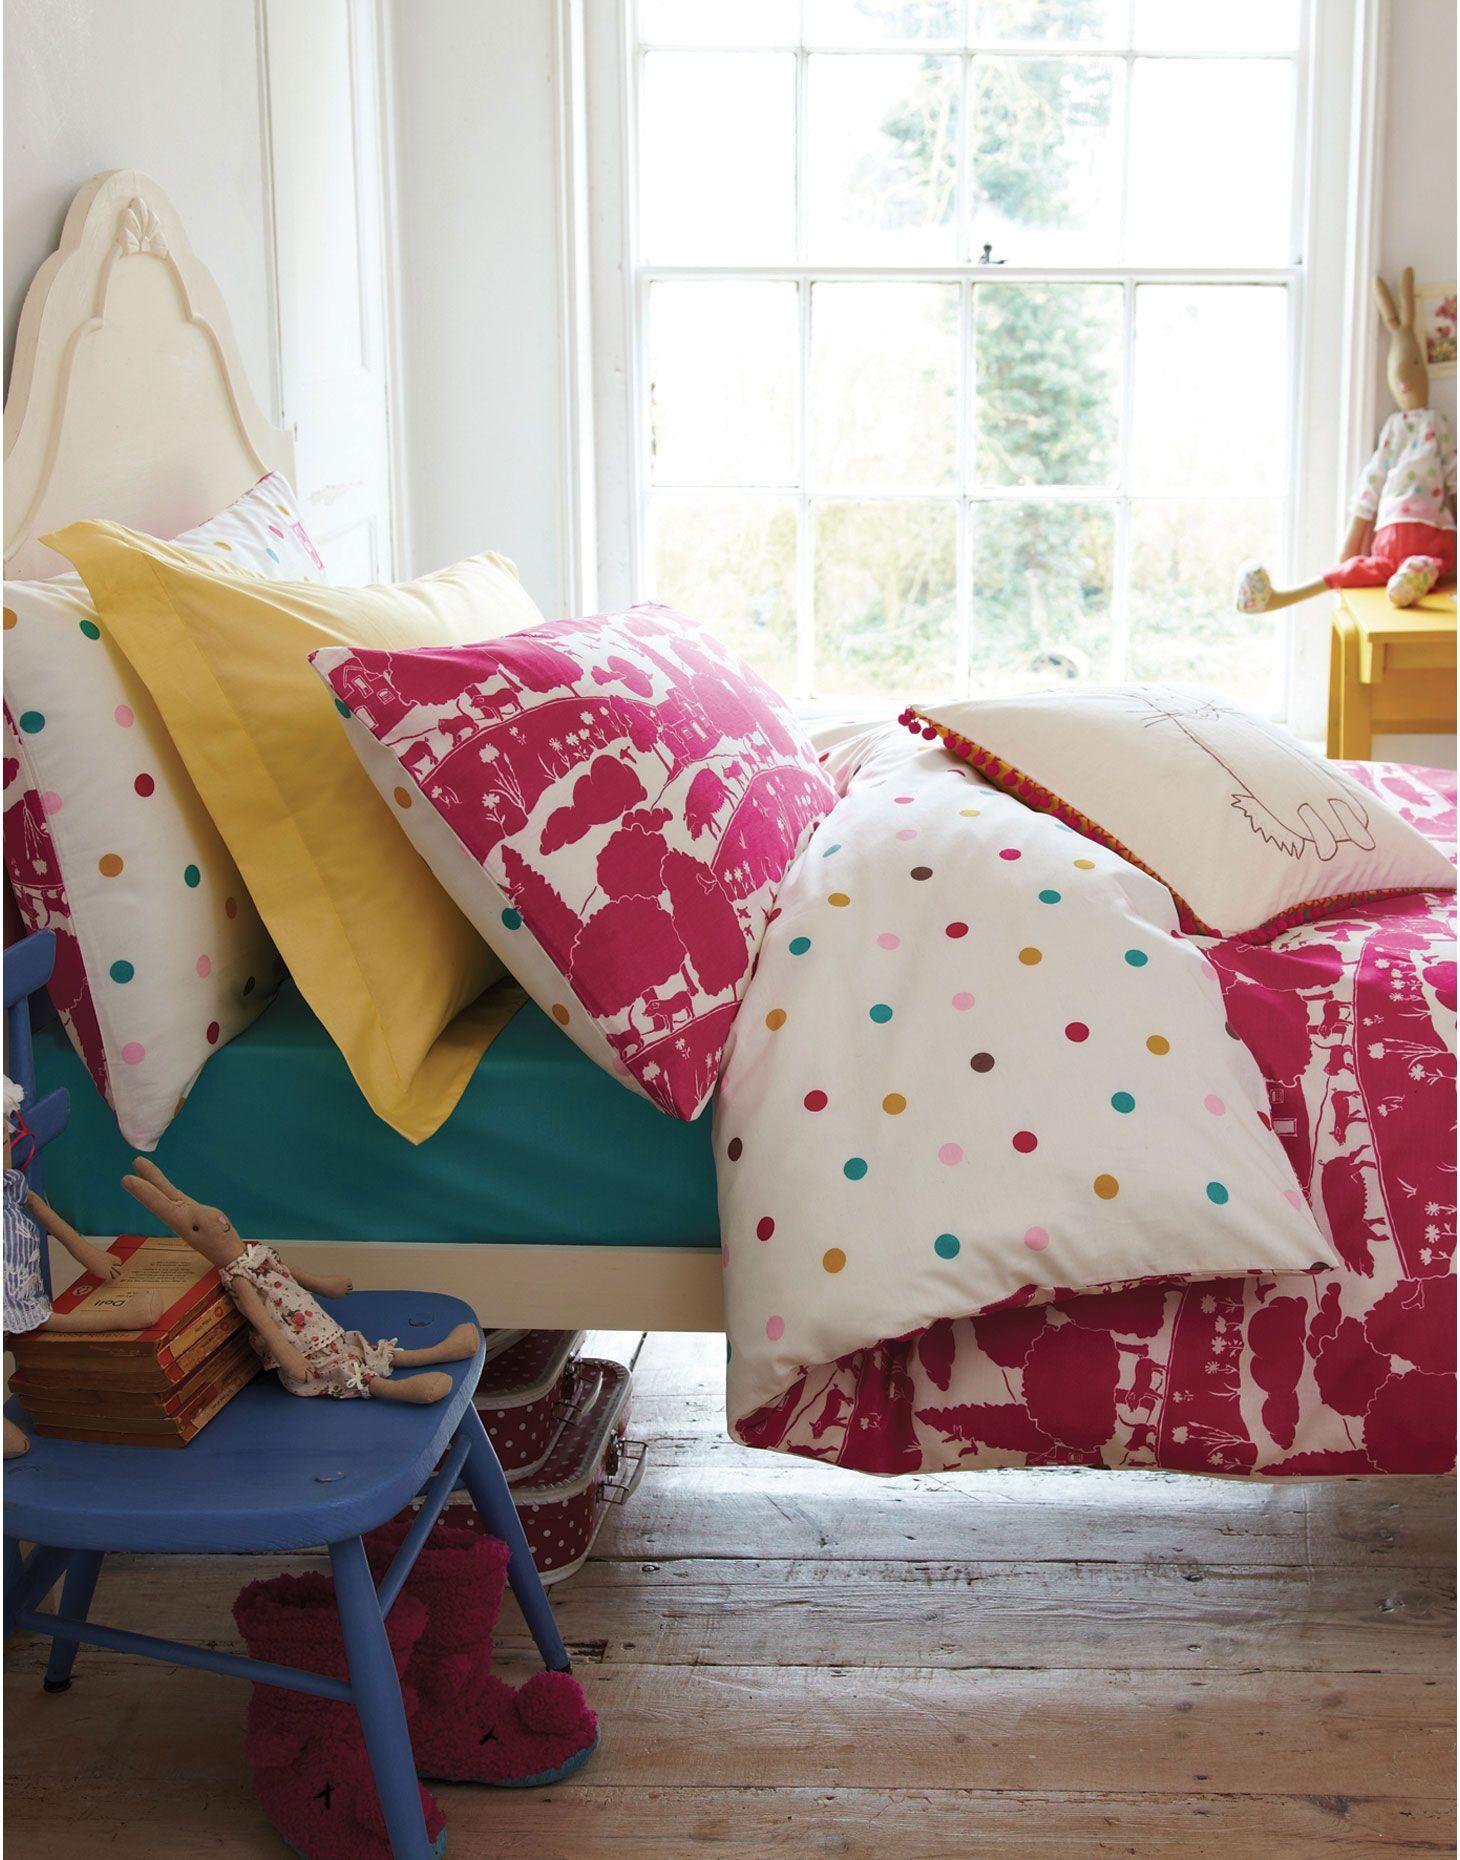 Jnr duvetpiggy girls piggy farm duvet cover childrenus rooms